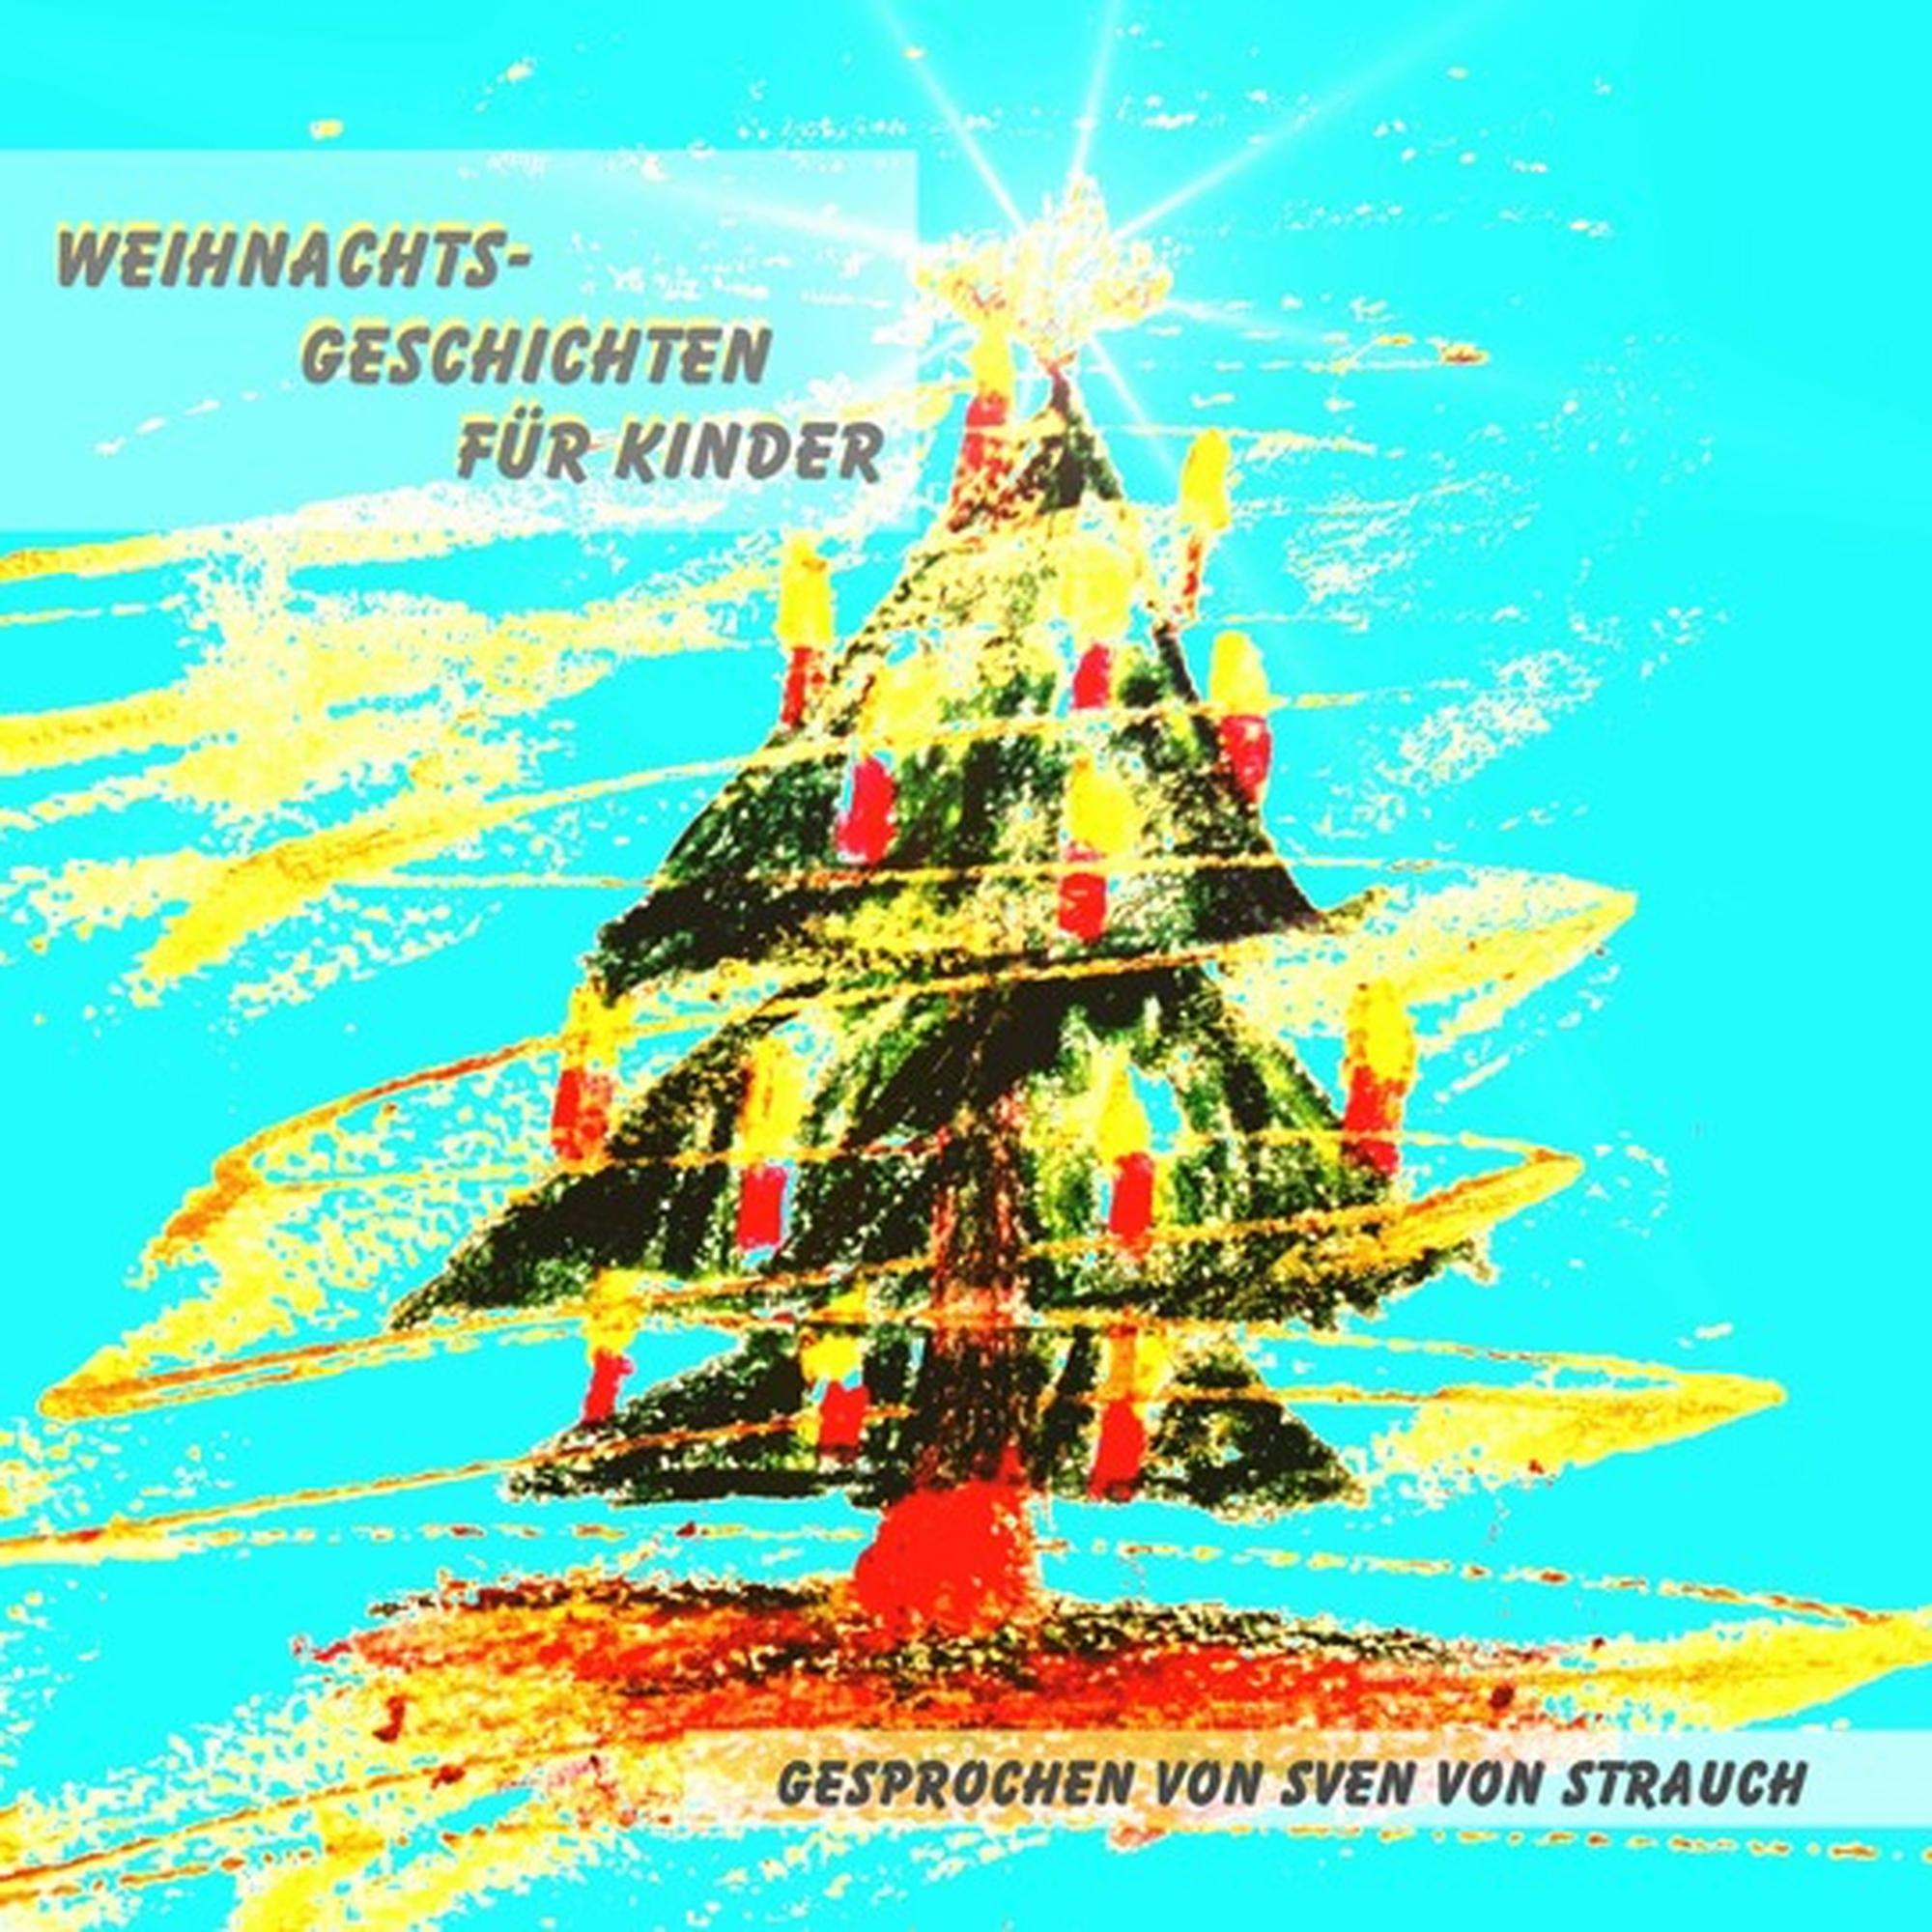 Weihnachtsgeschichten-für-Kinder